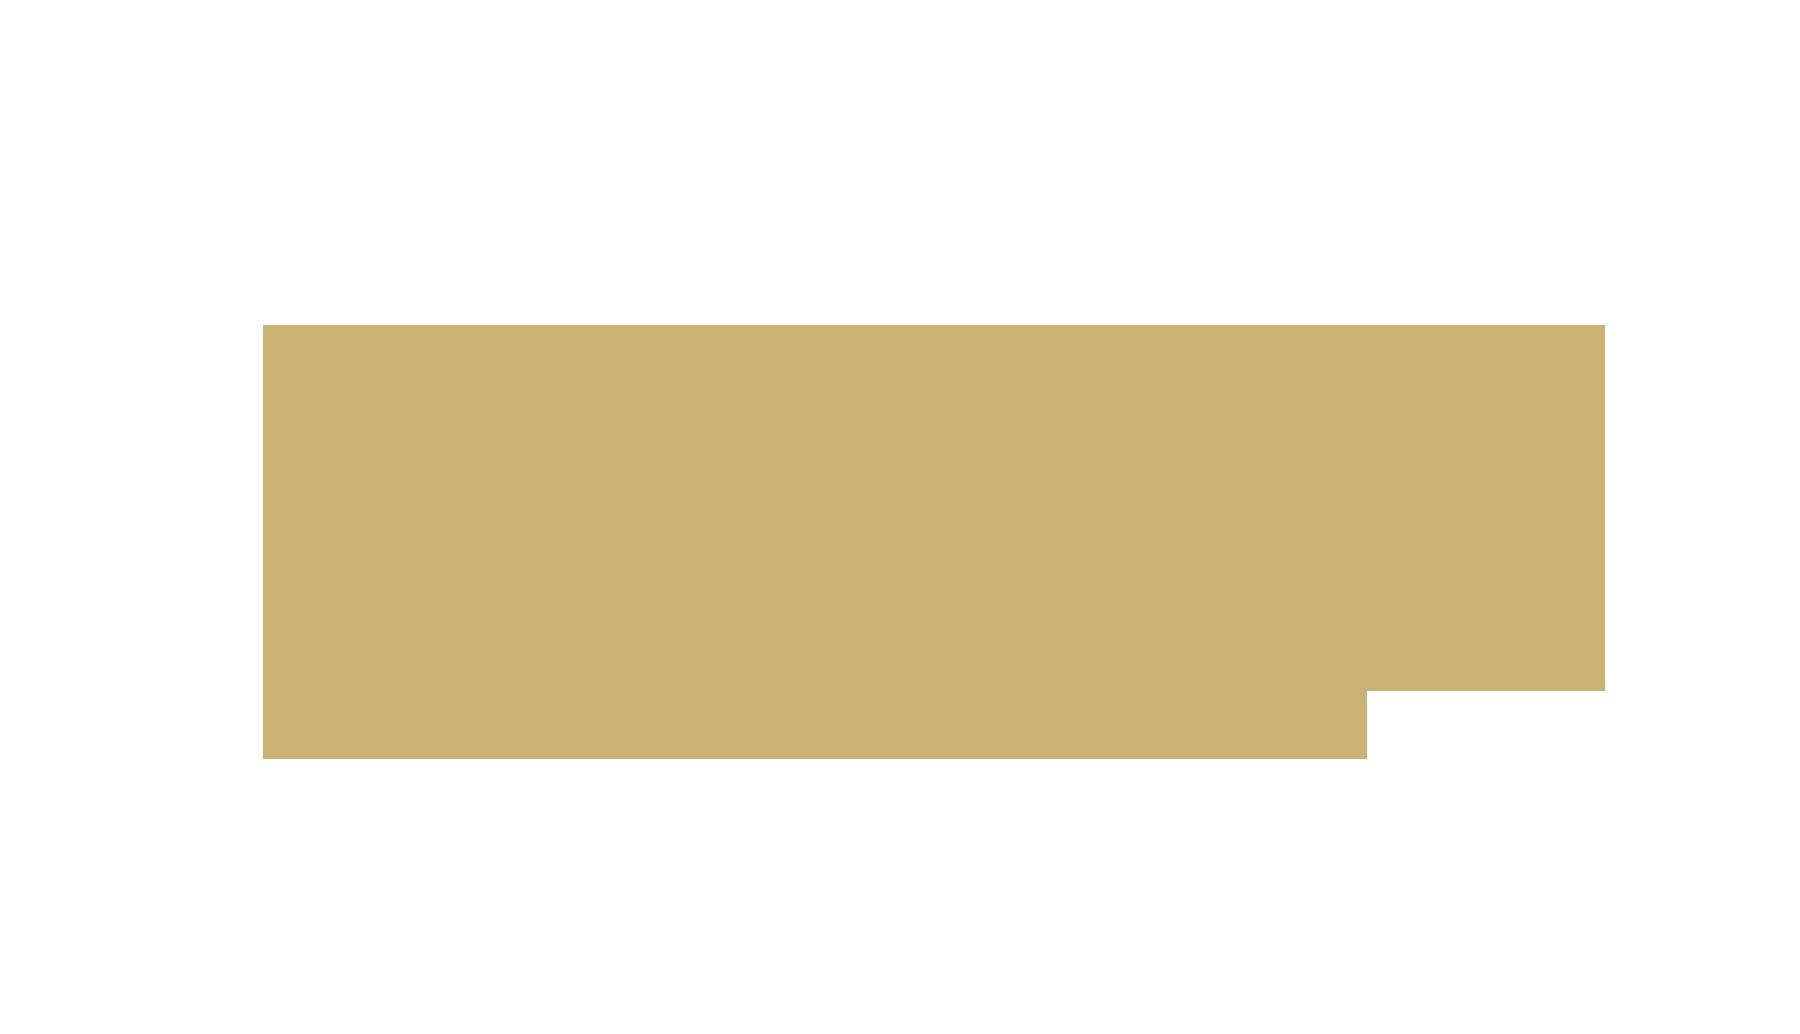 История бренда Goyard